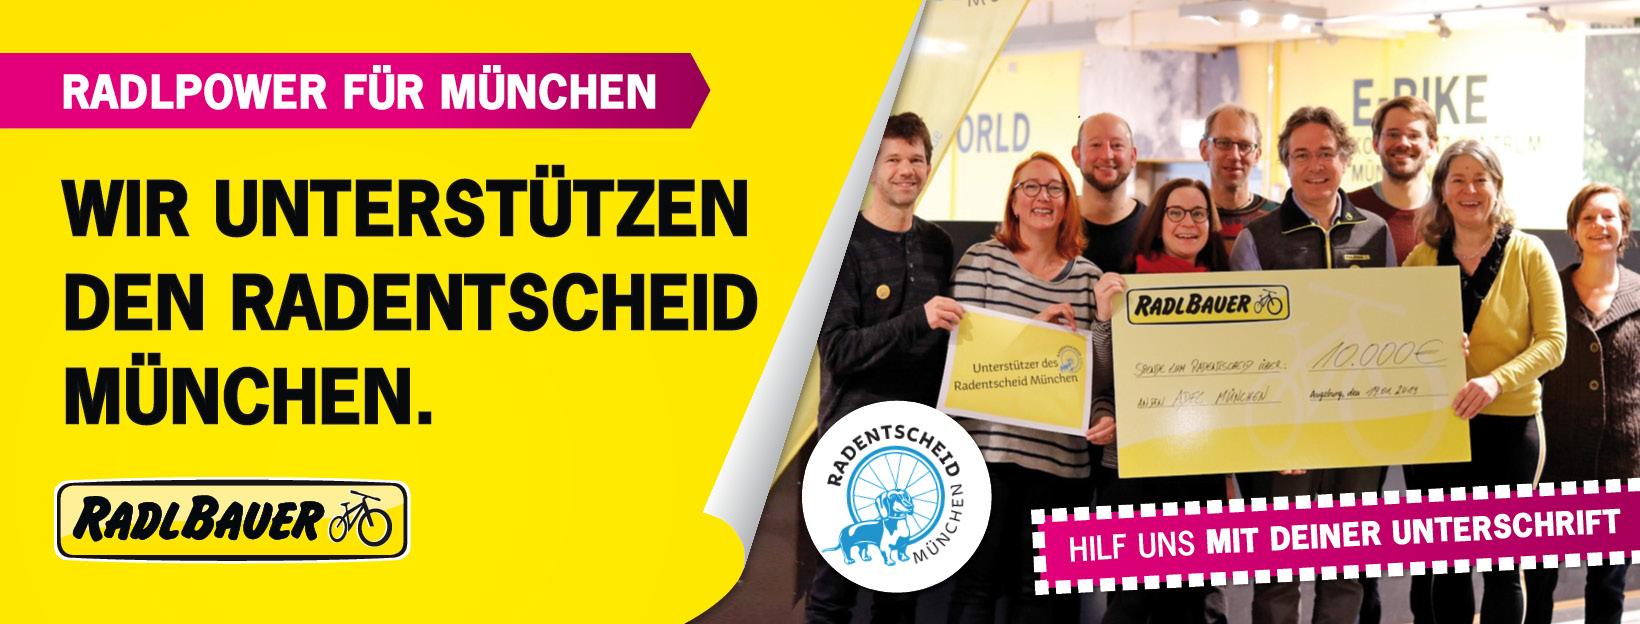 Radlbauer unterstützt den Radentscheid München - Unterschriftensammlung ab sofort in allen Radlbauerfilialen